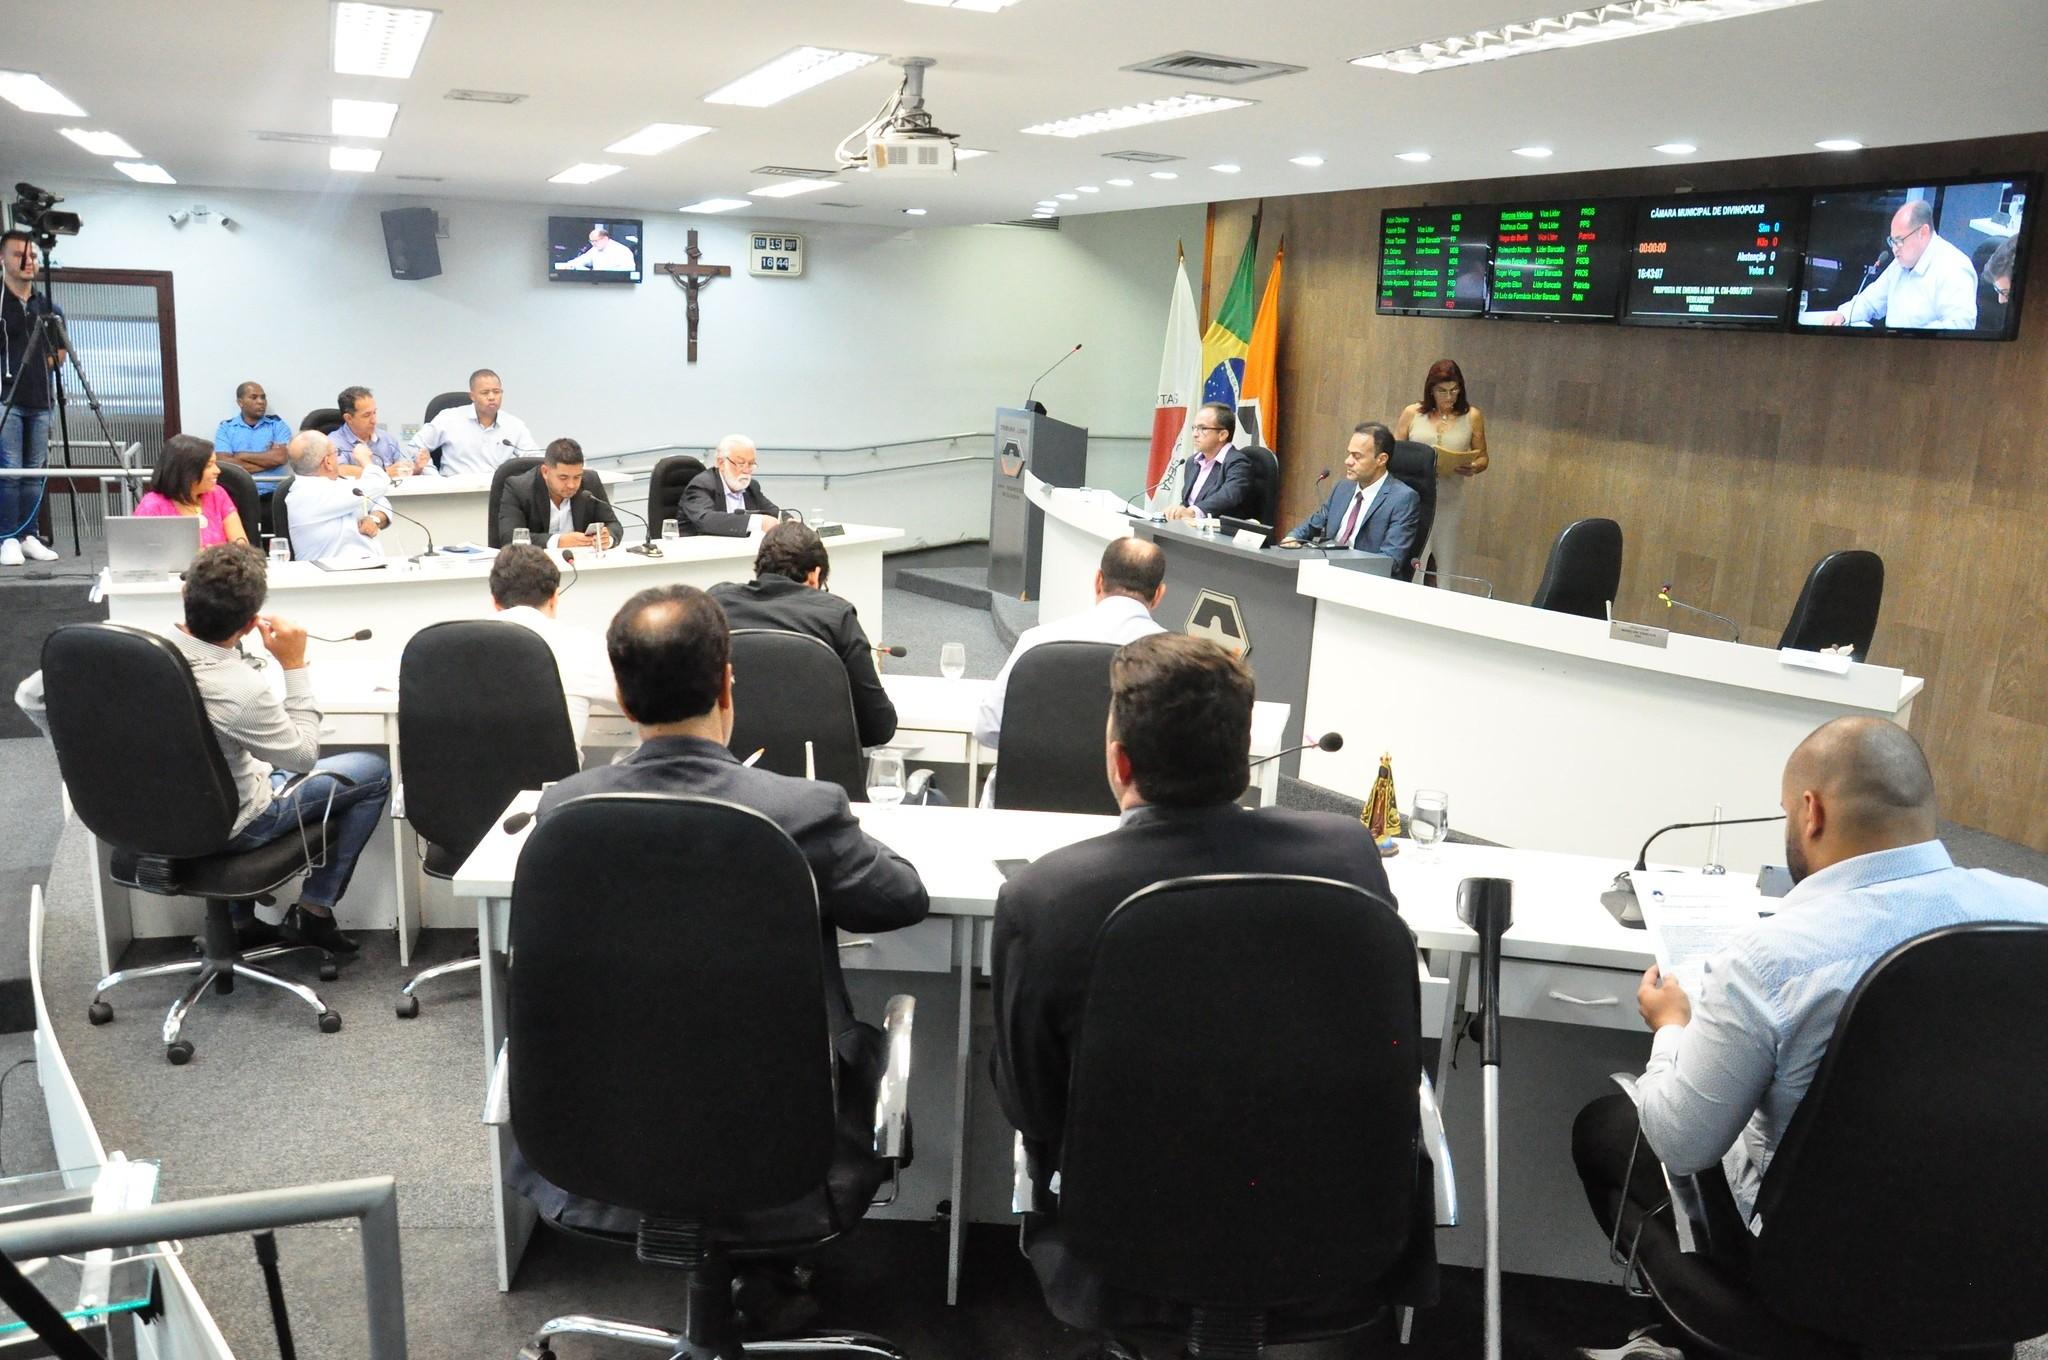 Projetos de leis e pareceres são aprovados durante reunião na Câmara de Divinópolis - Notícias - Plantão Diário